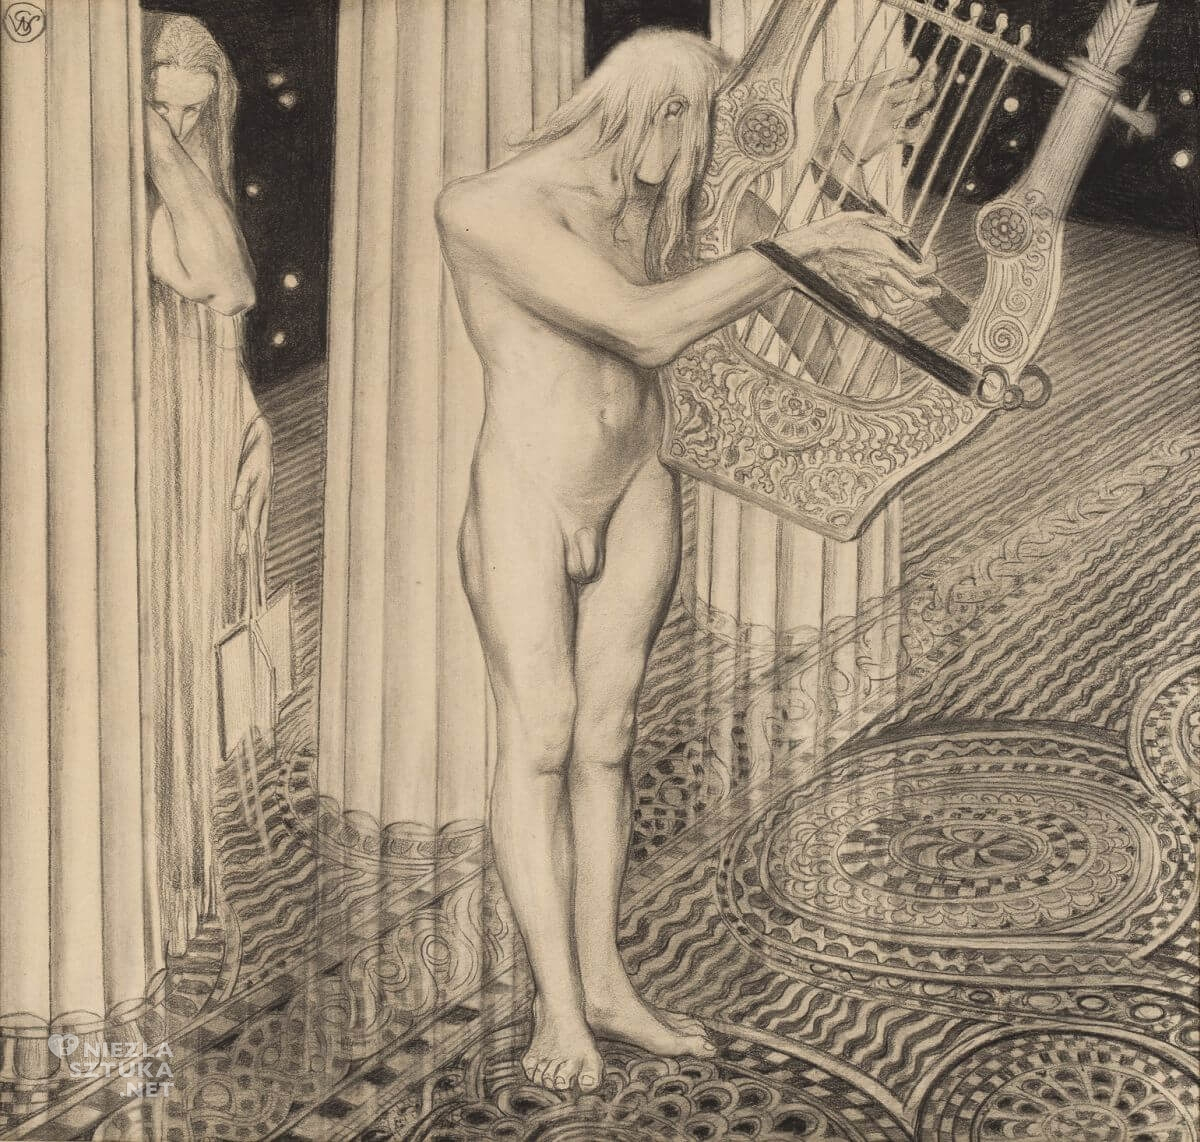 Stanisław Wyspiański, Iliada Homera, ilustracje, Niezła sztuka